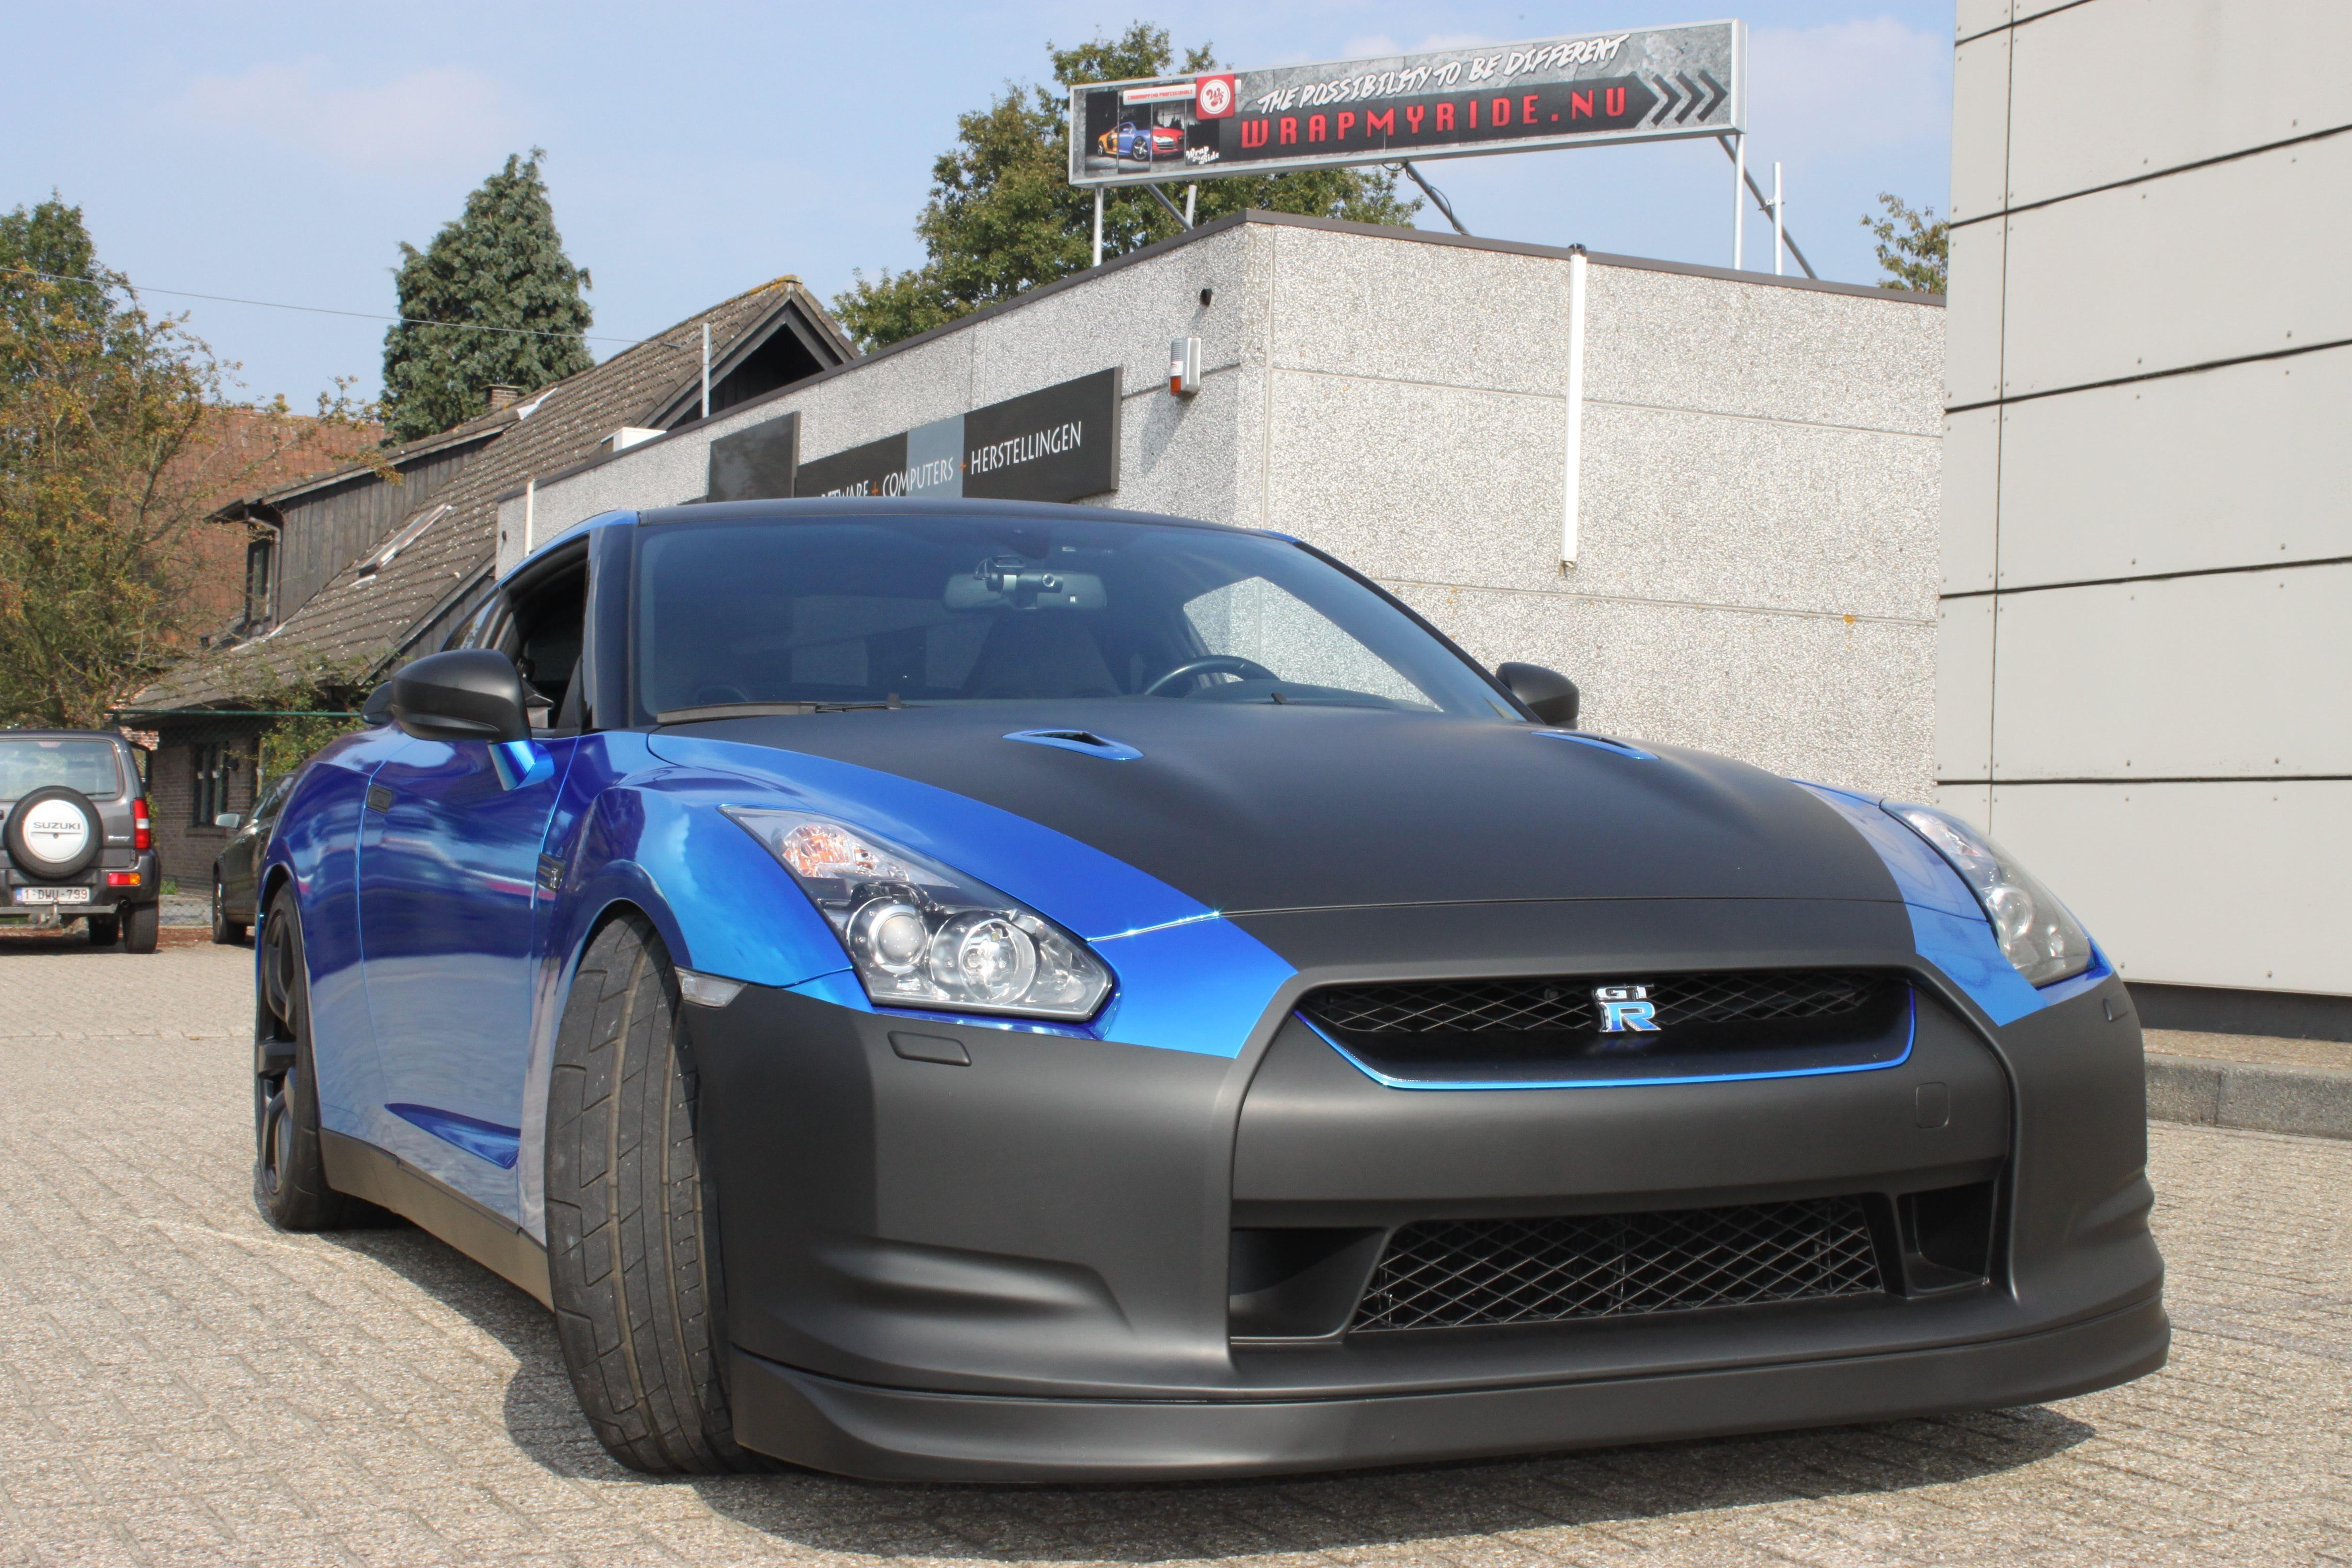 Nissan GT-R met Blue Chrome Wrap, Carwrapping door Wrapmyride.nu Foto-nr:6478, ©2021